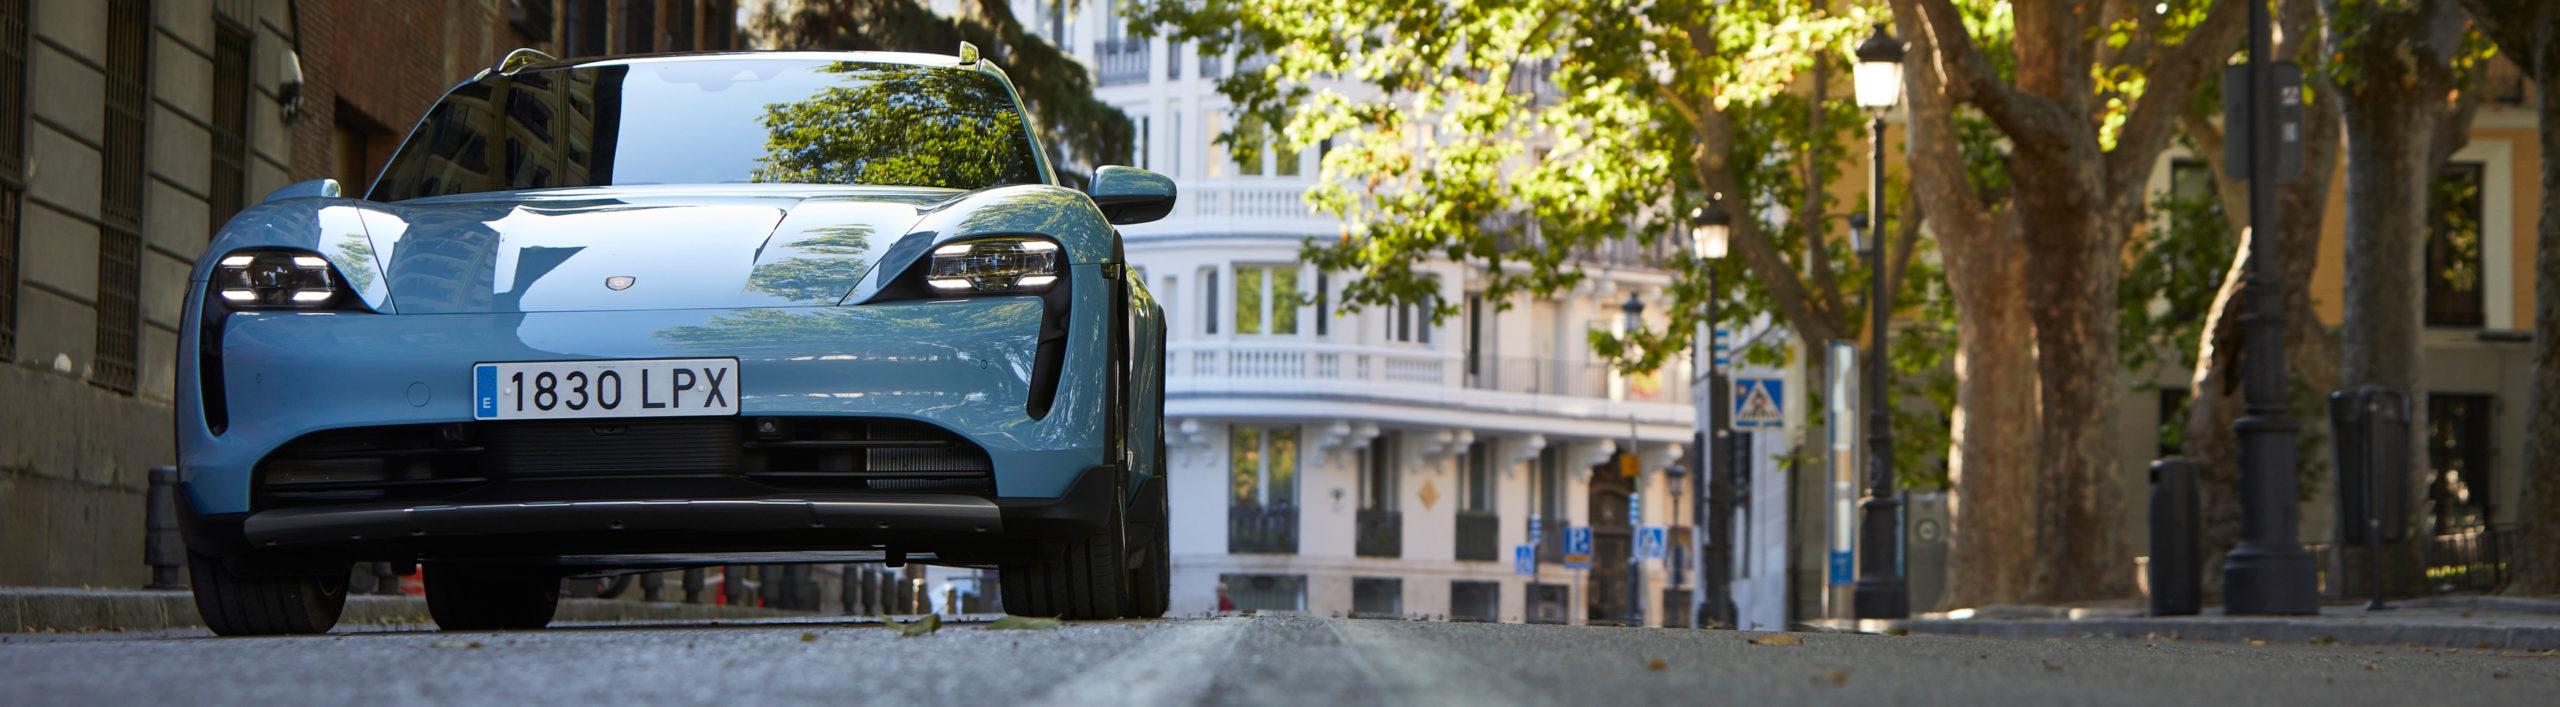 Porsche Ibérica lidera la movilidad eléctrica